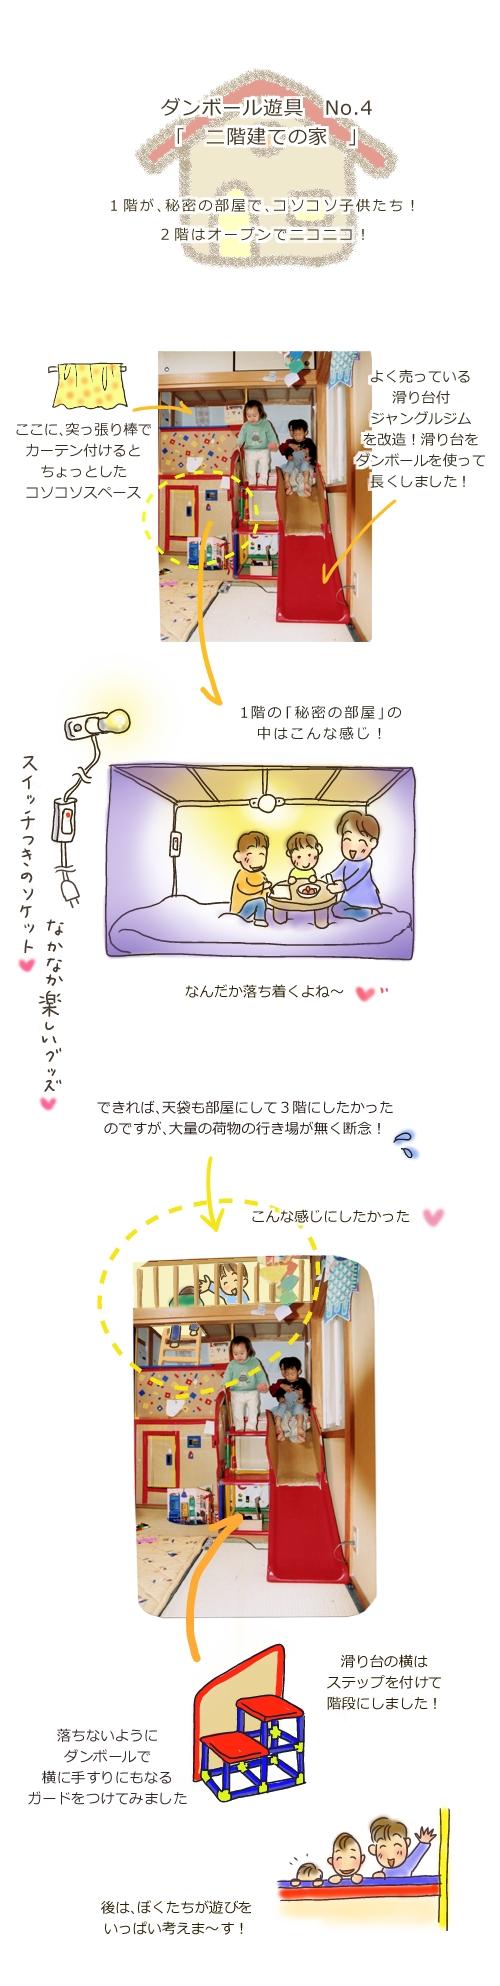 20121119215232cb0.jpg